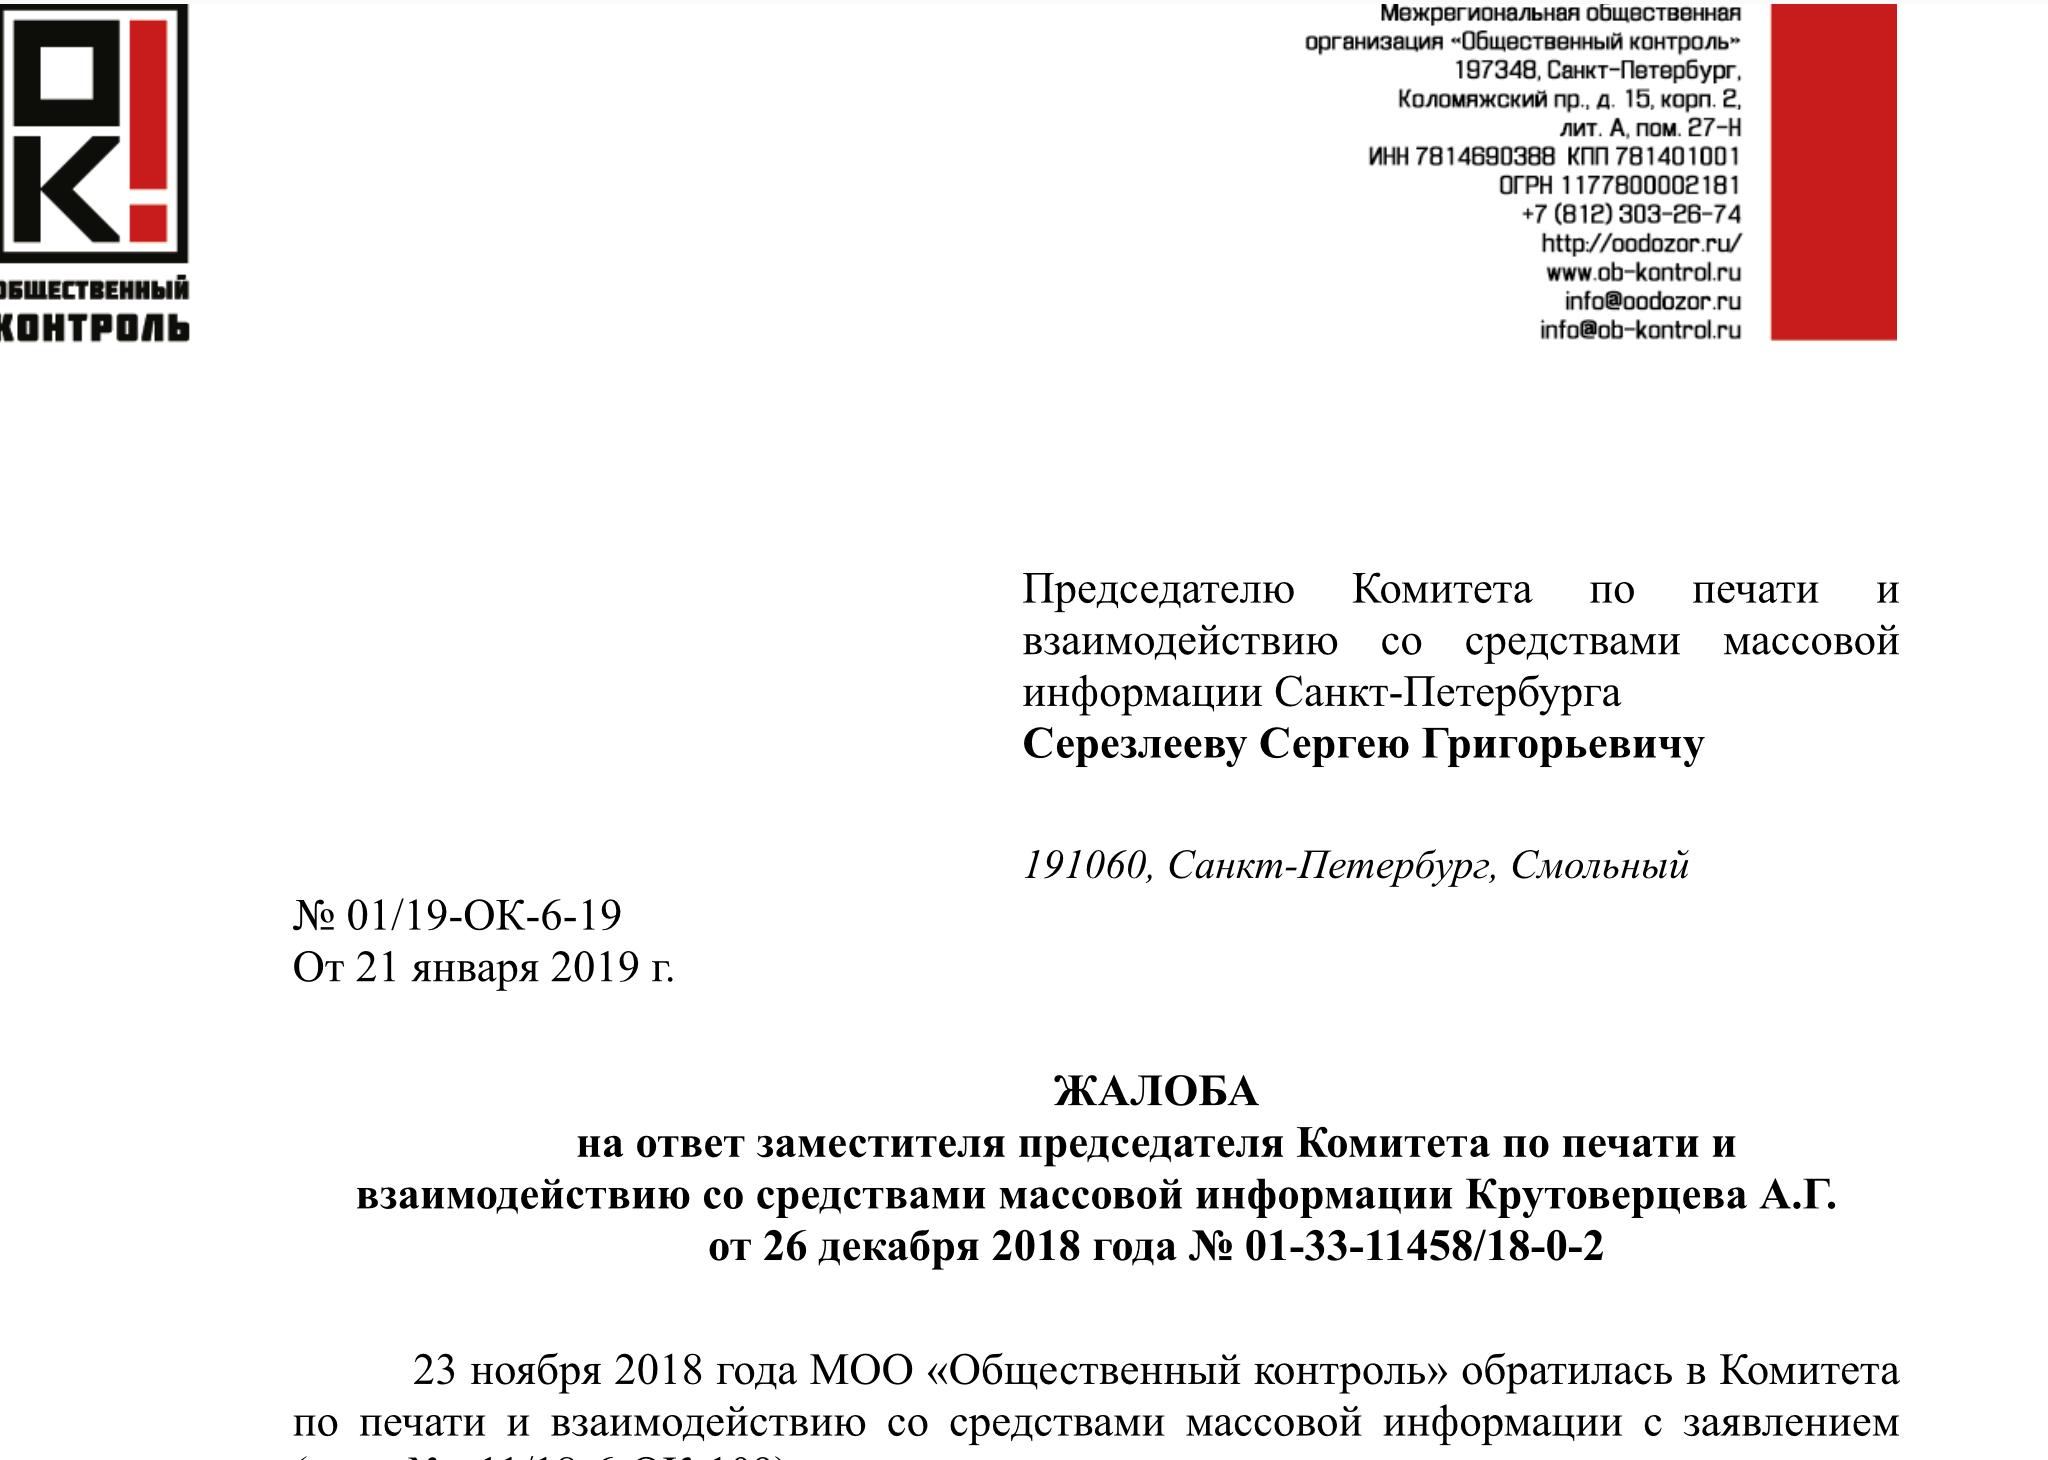 Председателю Комитета по печати и взаимодействию со средствами массовой информации Санкт-Петербурга